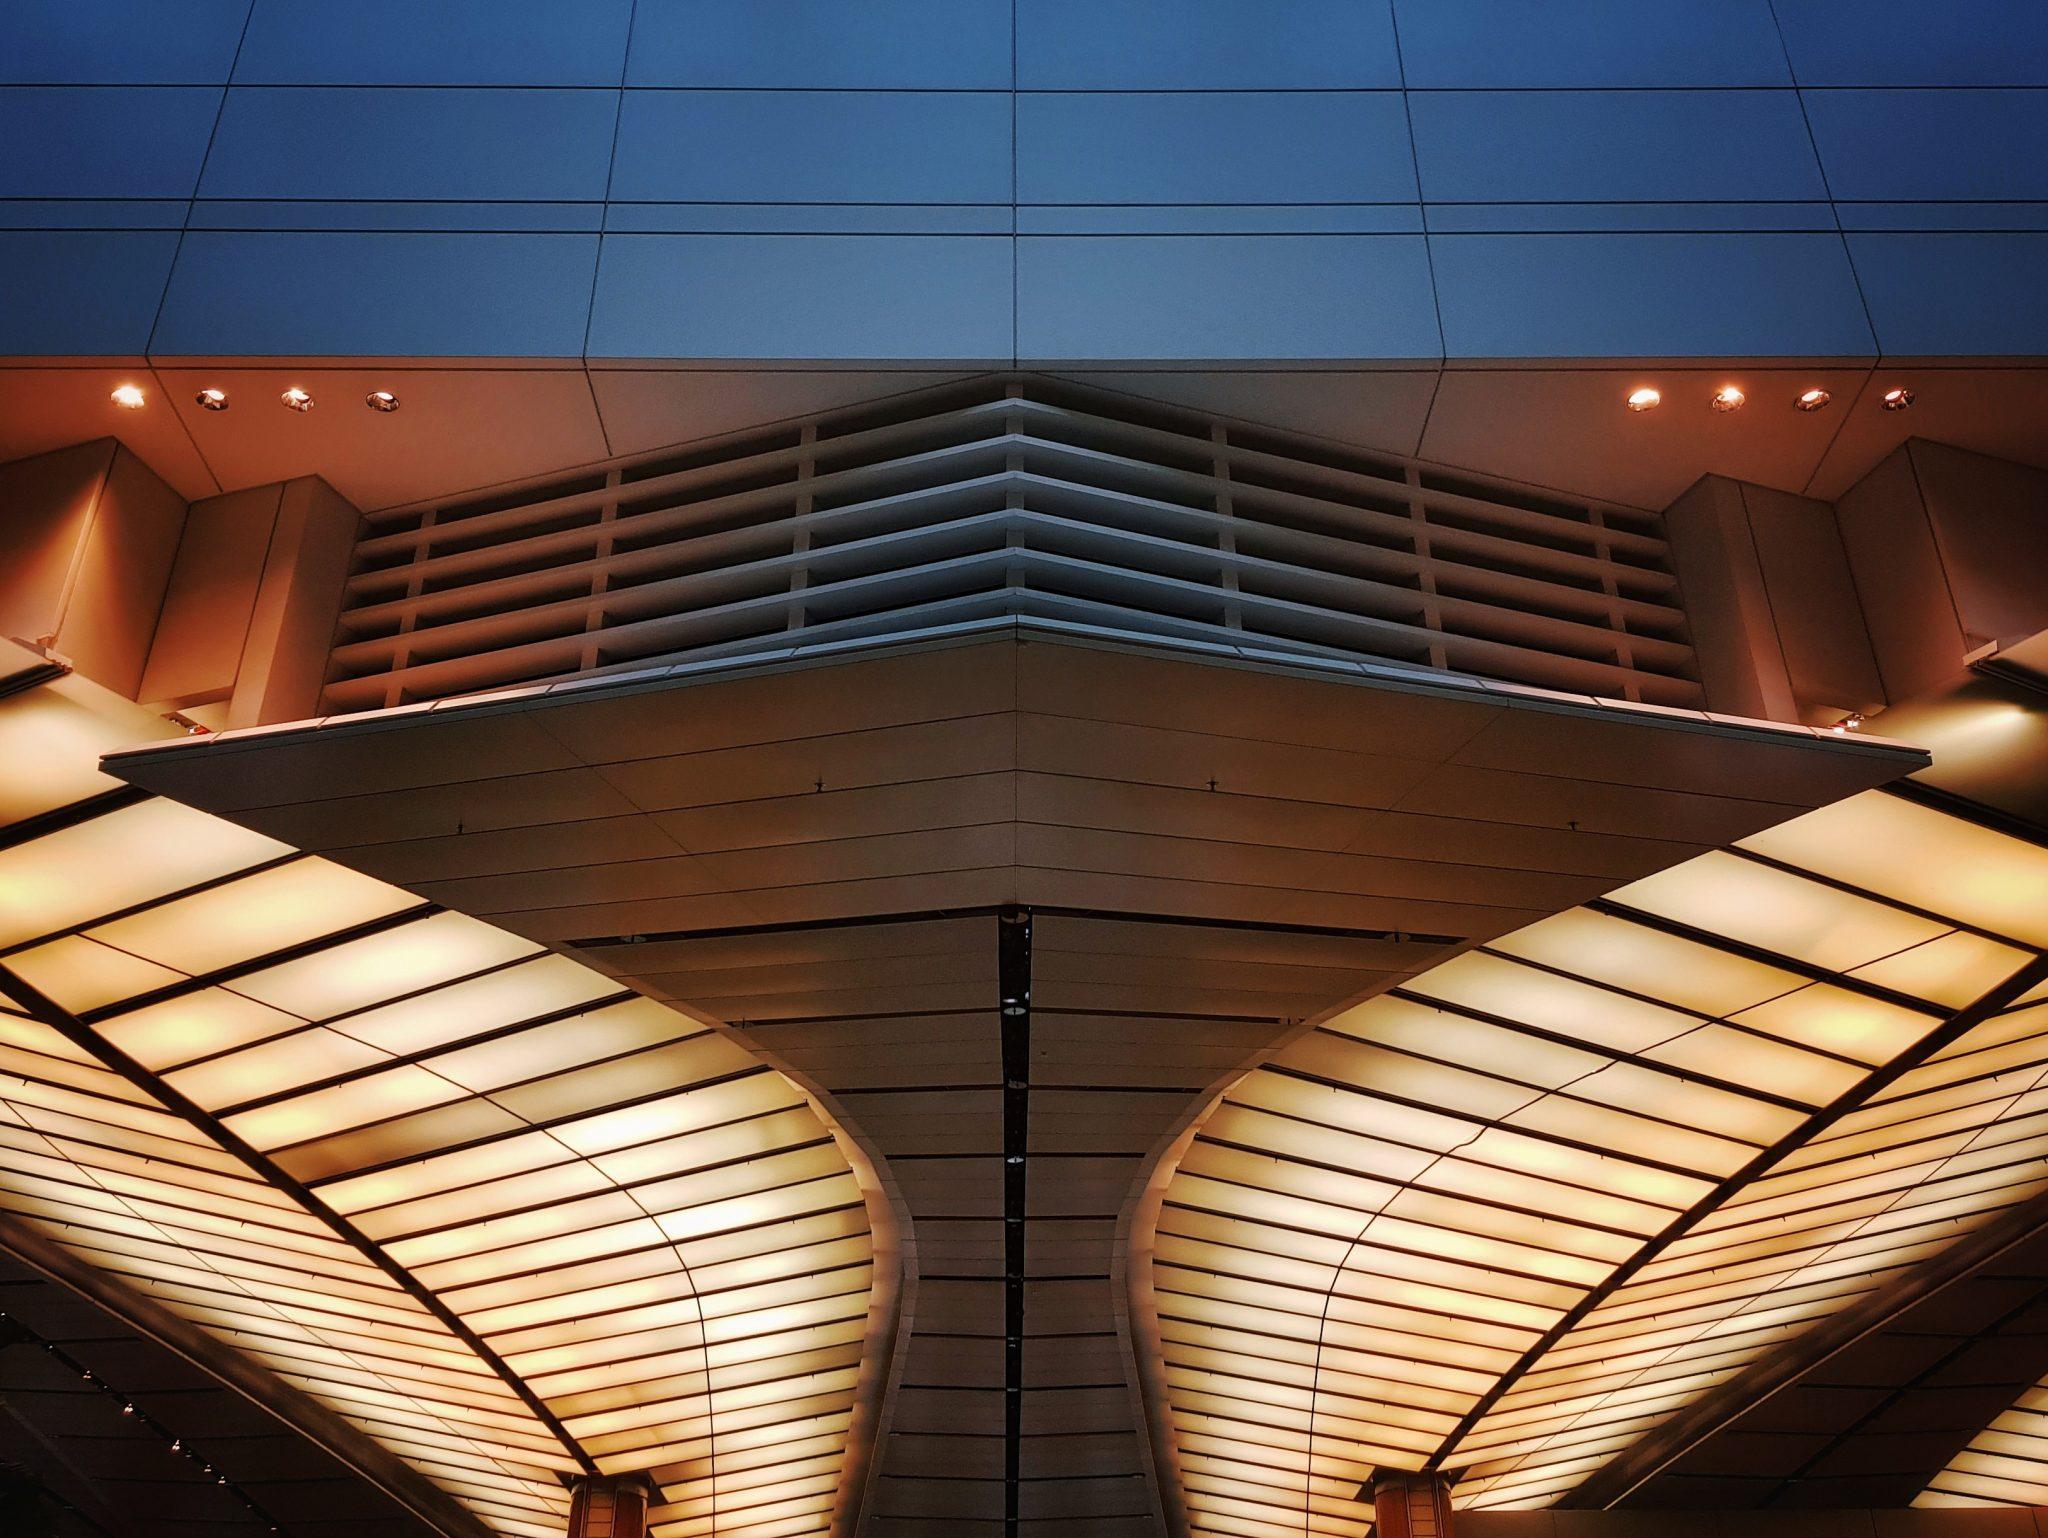 Contemporary Architecture in India